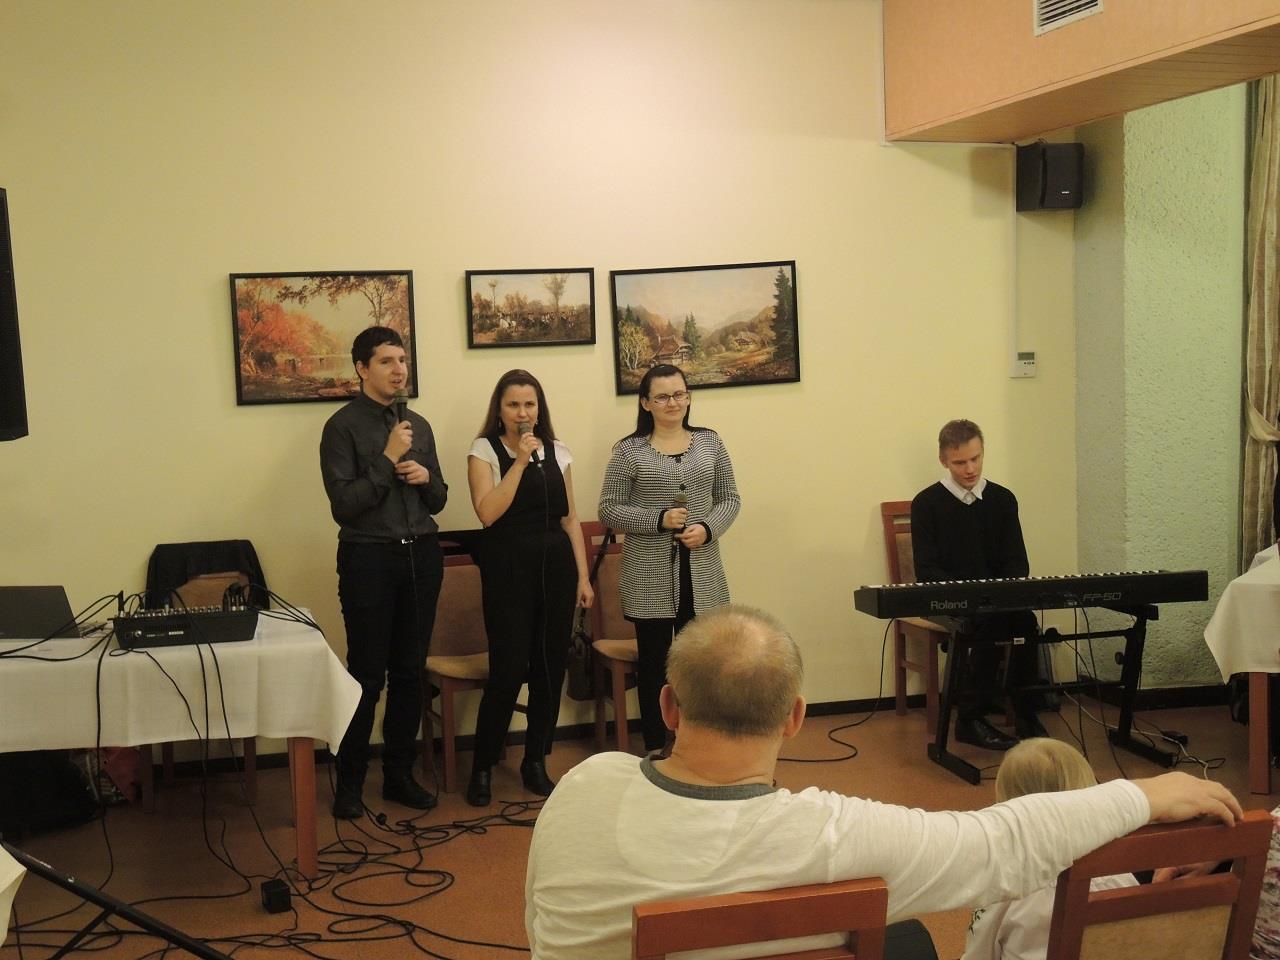 Trzy osoby (jeden mężczyzna i dwie kobiety) stoją, w dłonach trzymają mikrofony. Po ich lewej stronie siedzi mężczyzna, który ma przed sobą klawisze.